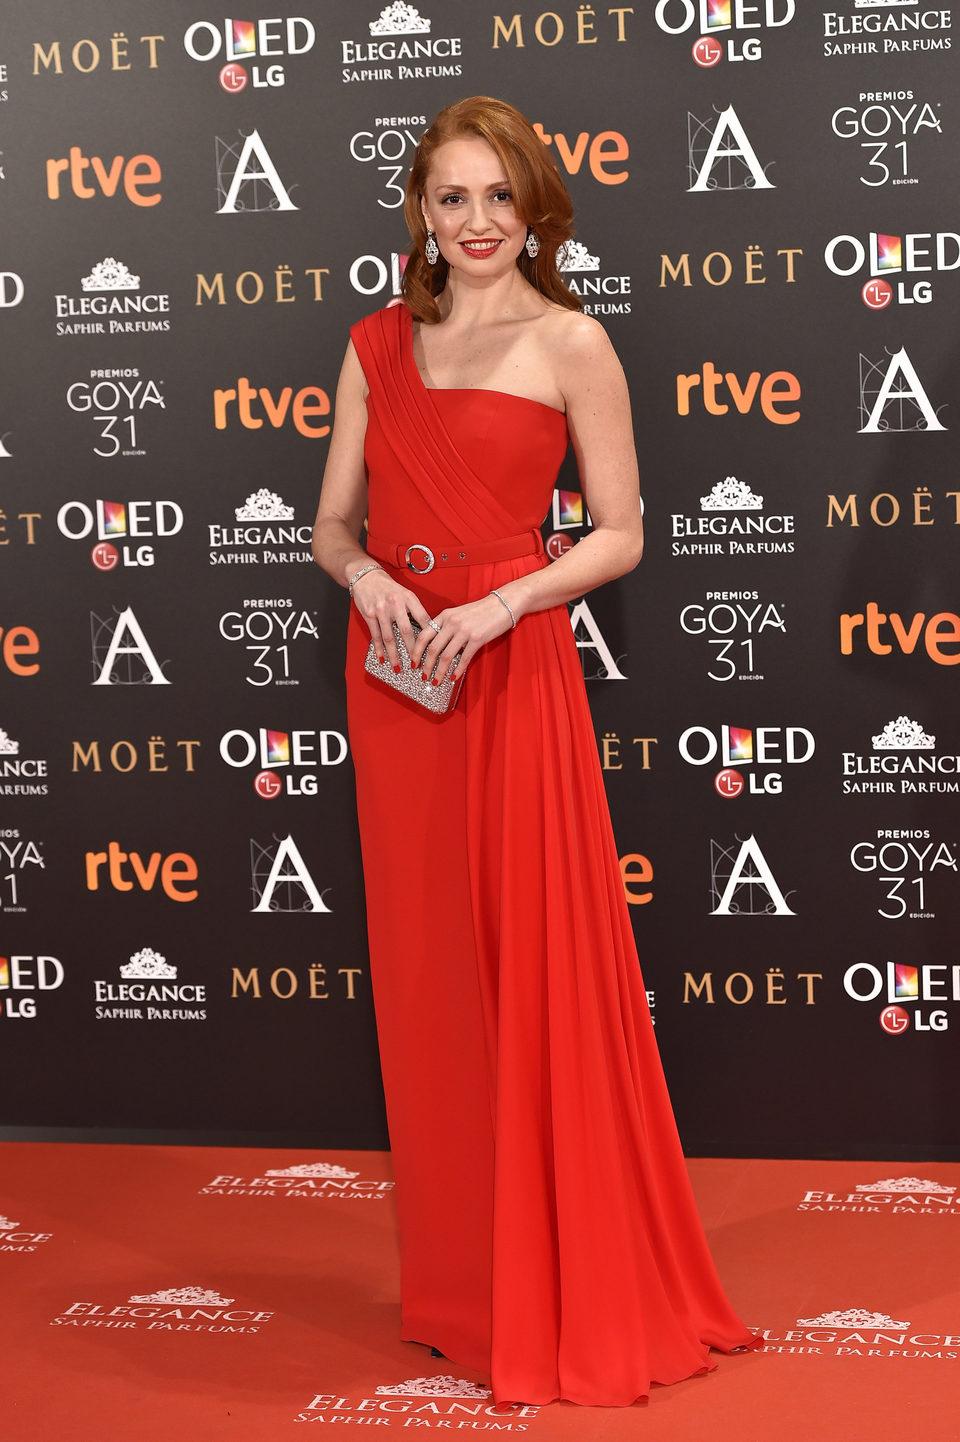 Cristina Castaño en la alfombra roja de los Premios Goya 2017